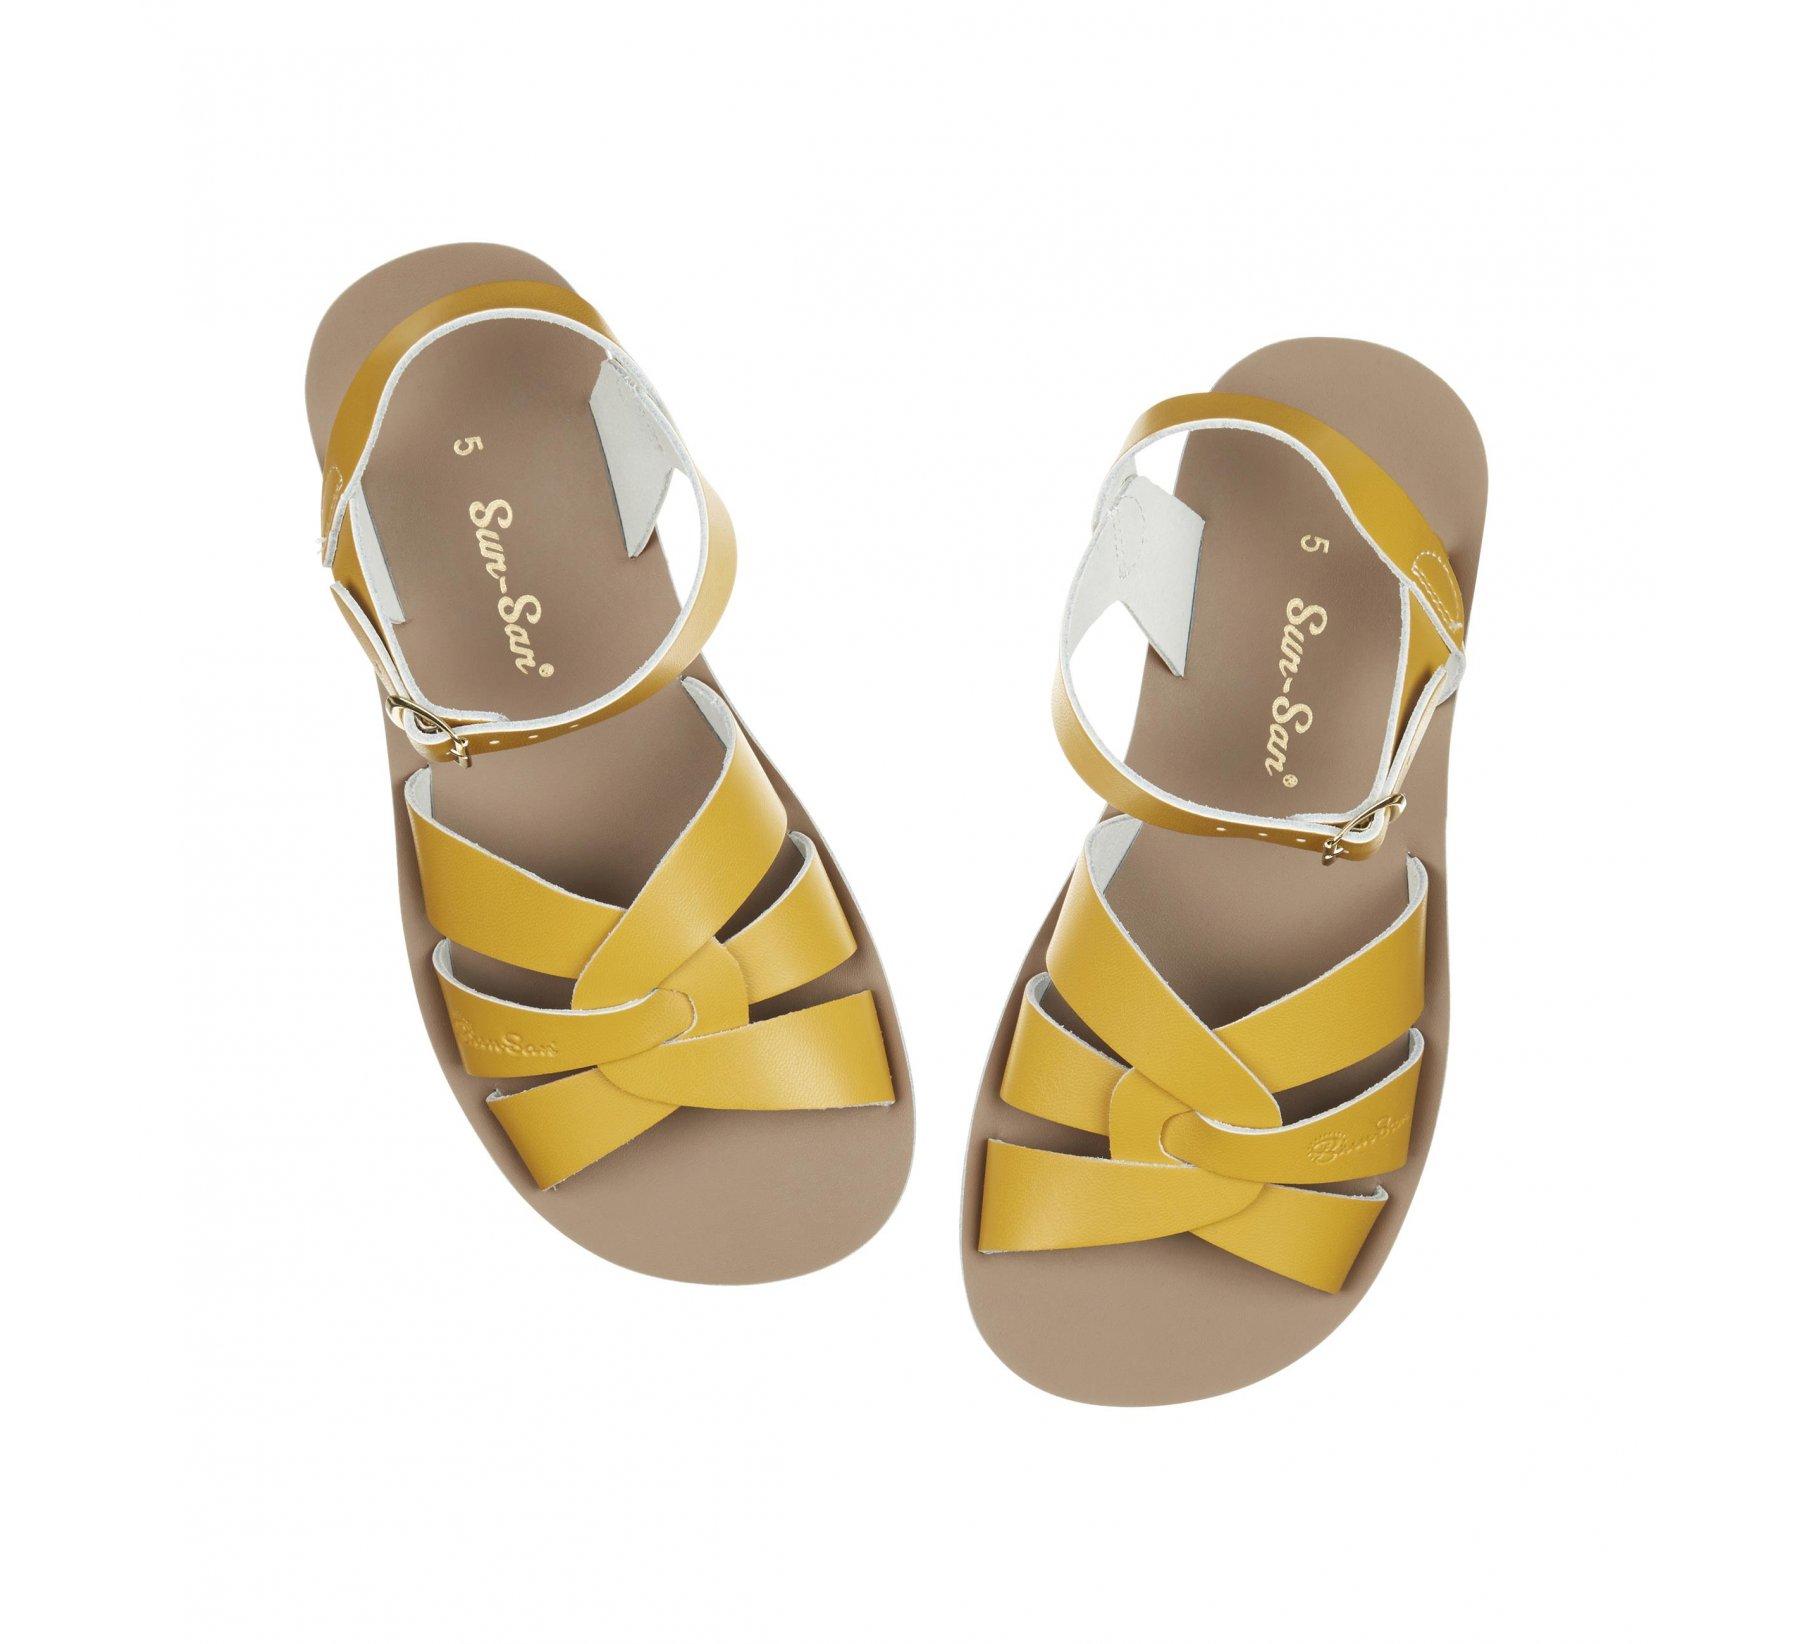 Swimmer Mustard - Salt Water Sandals